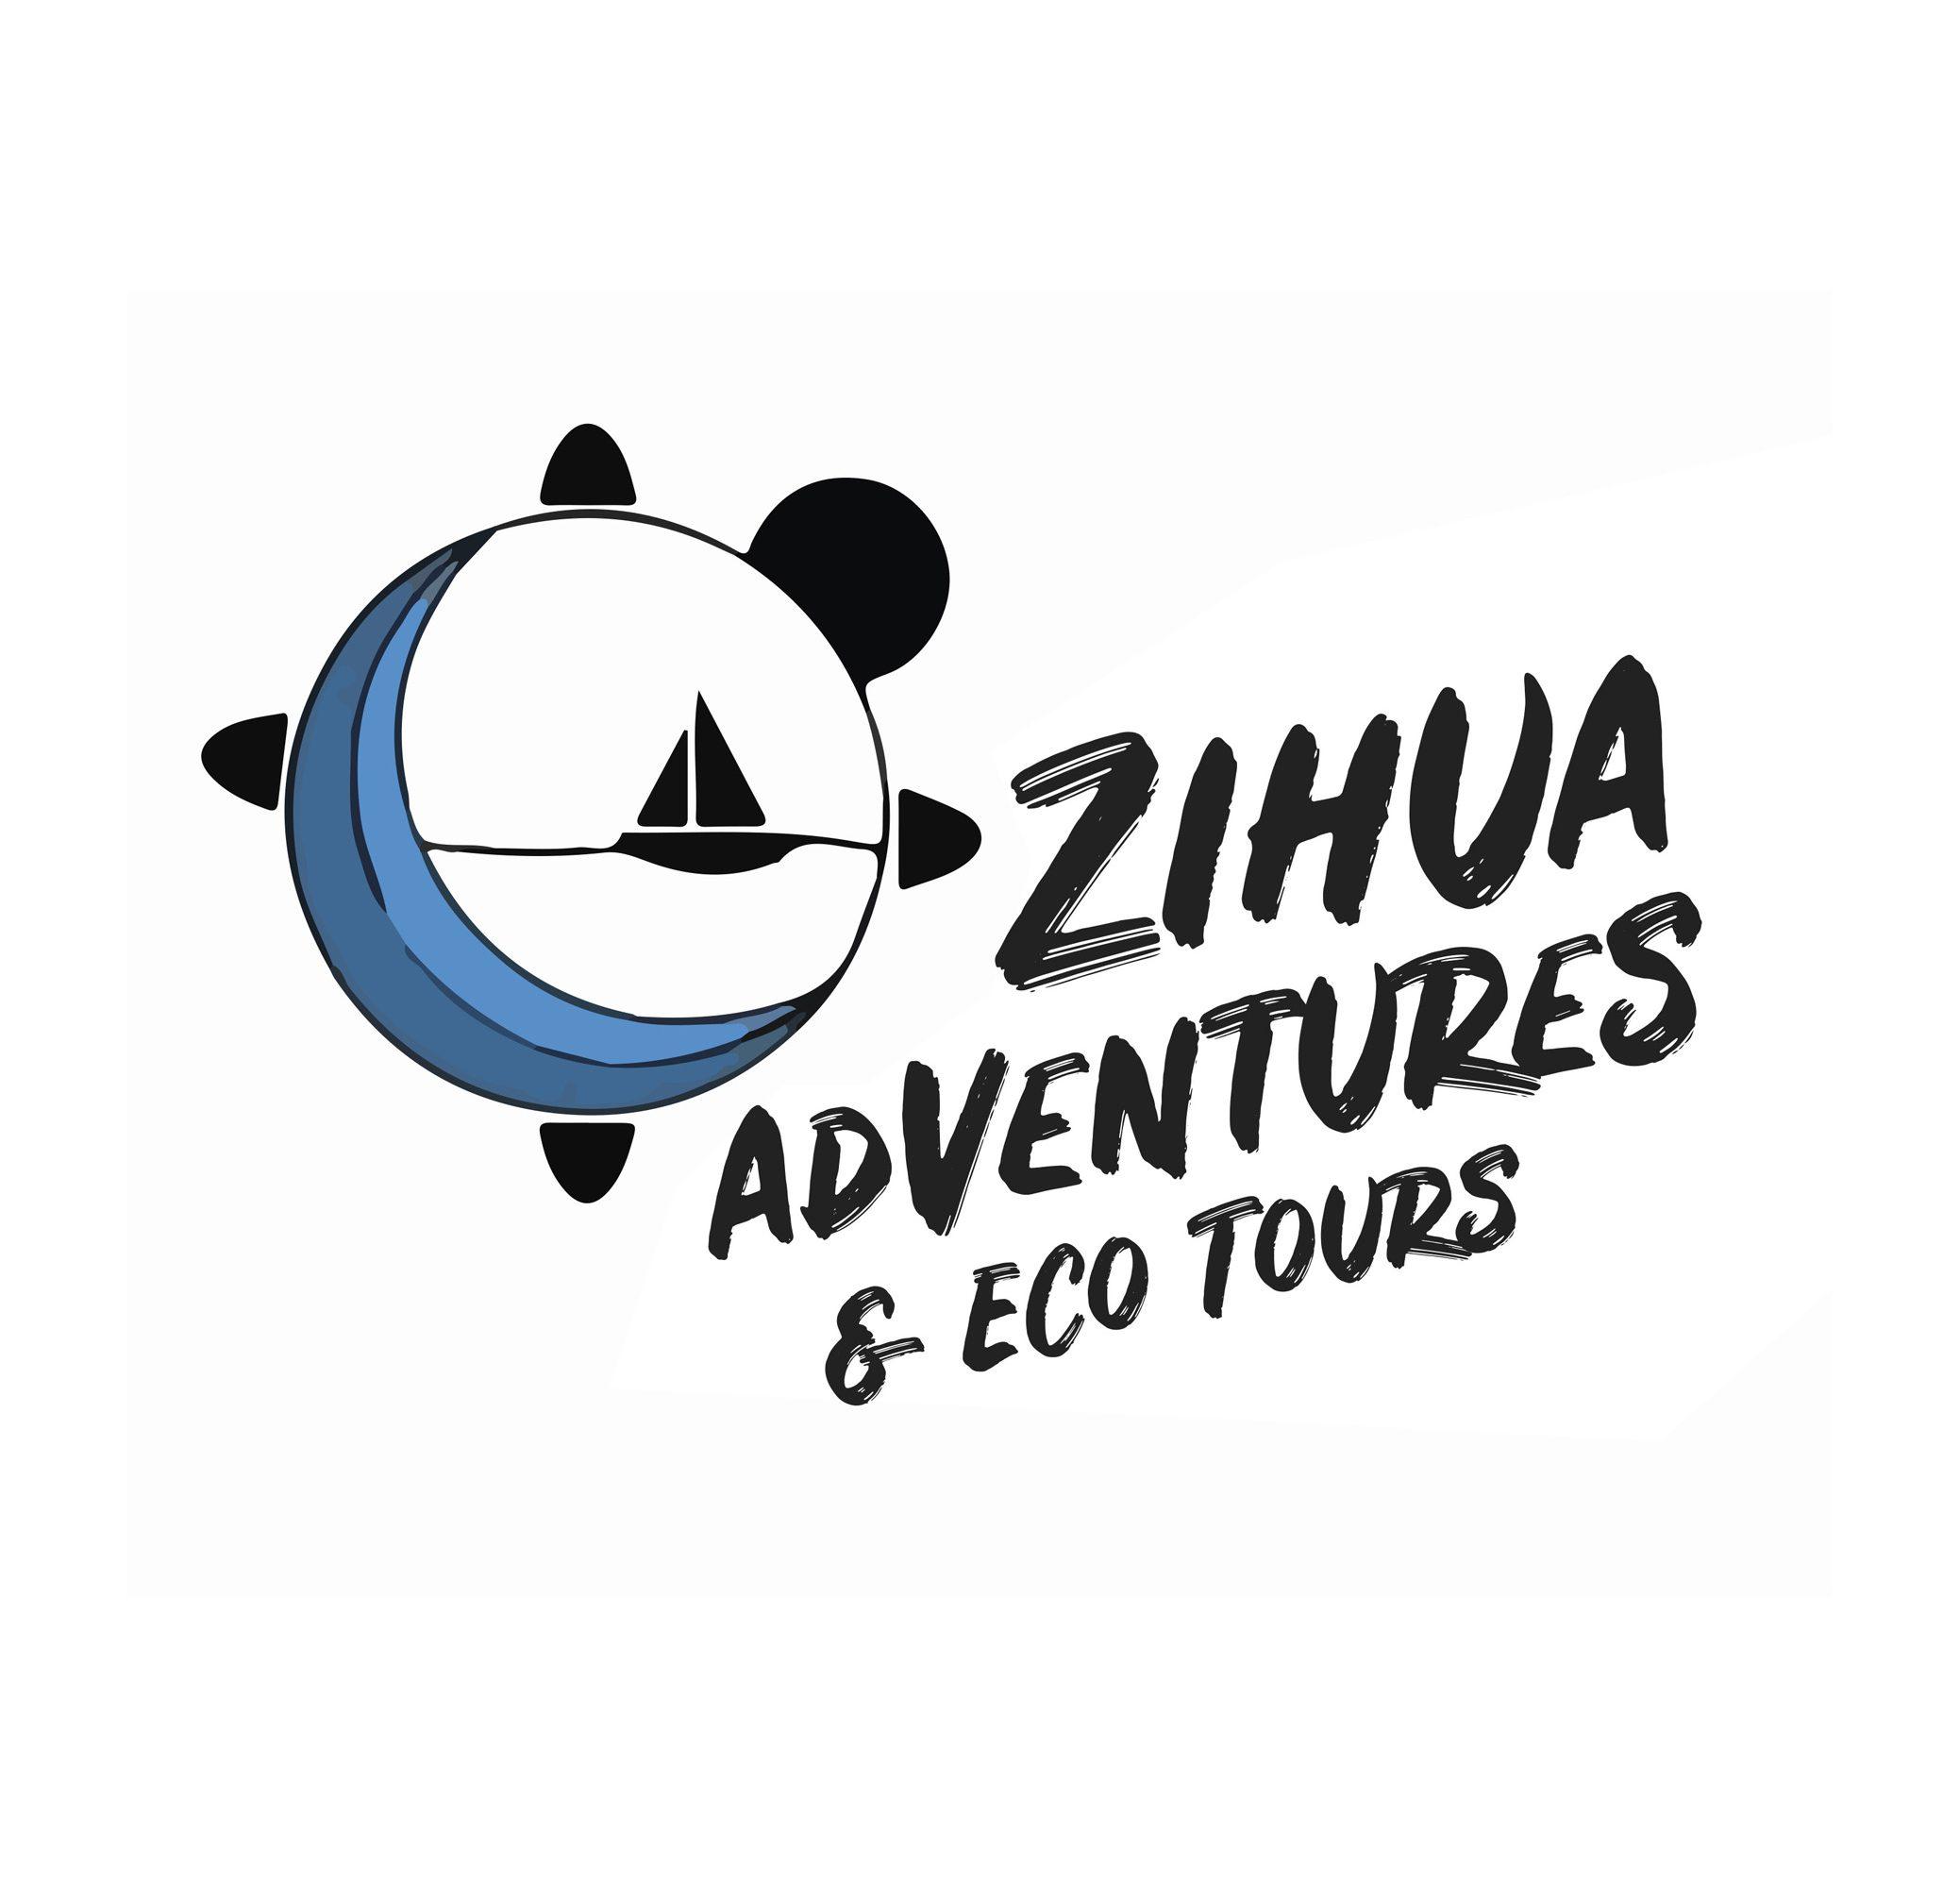 ZIHUA ADVENTURES